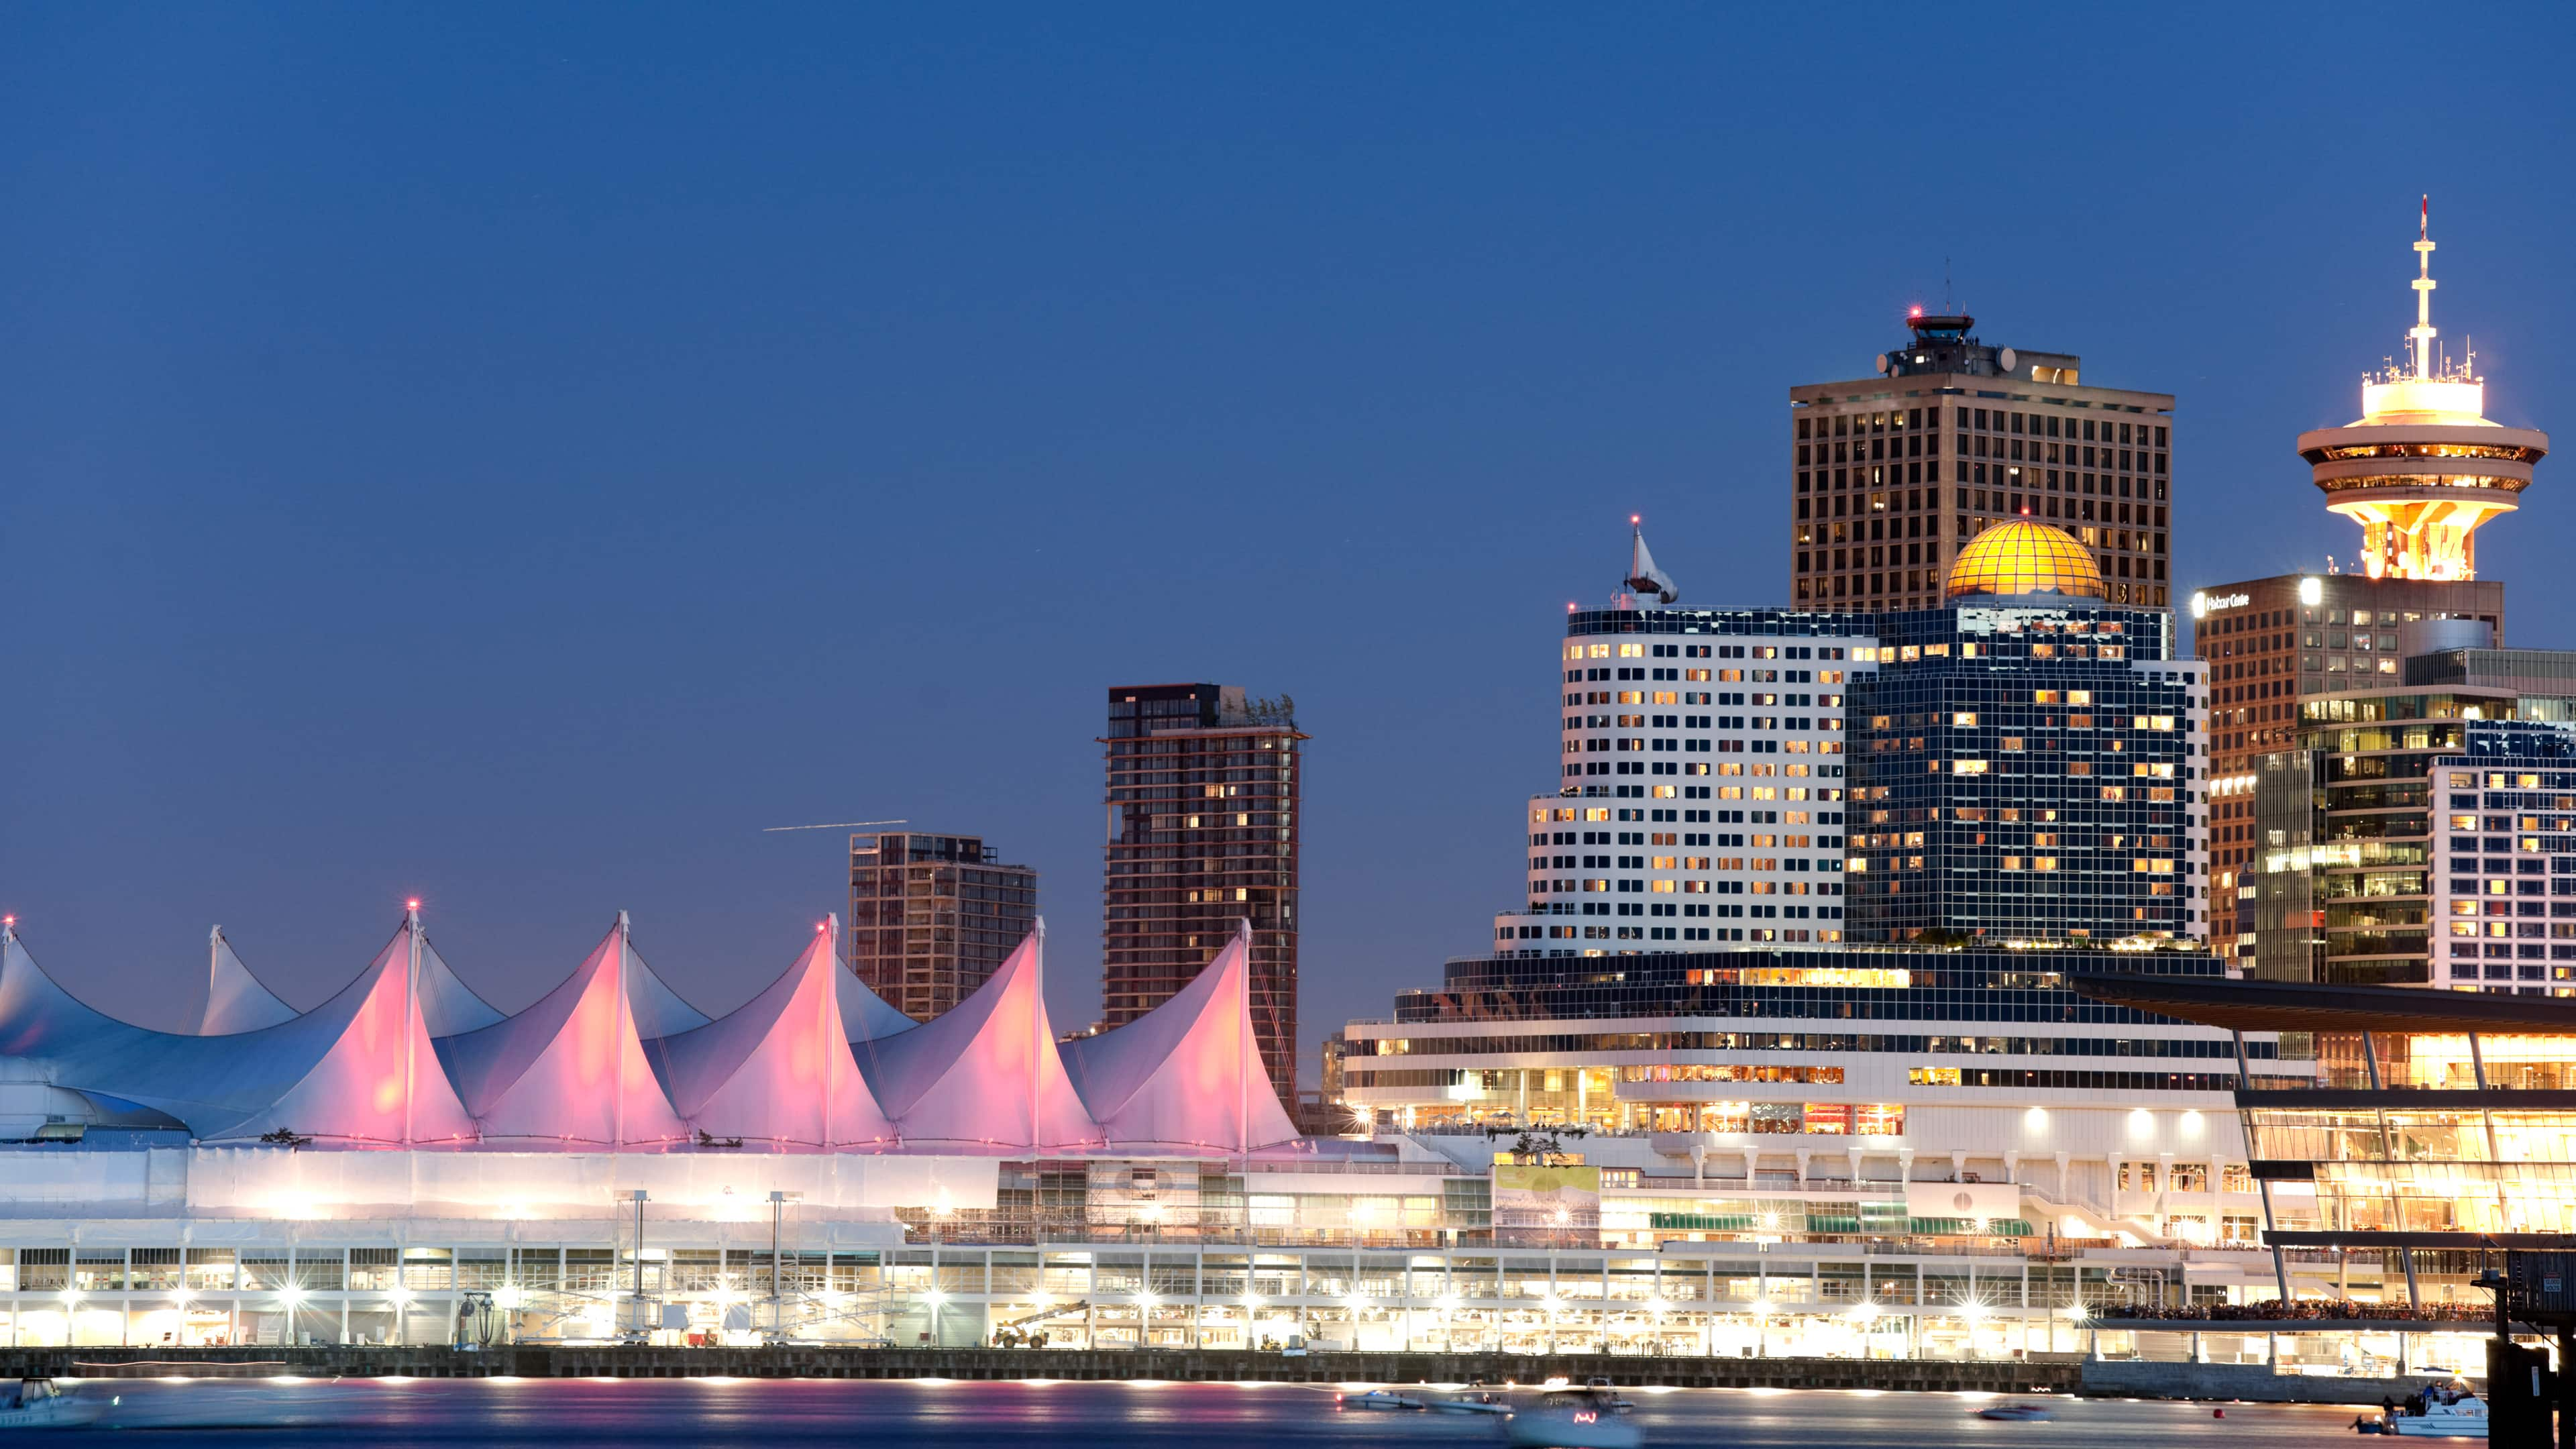 O centro de convenções à beira da água em Vancouver, no Canadá